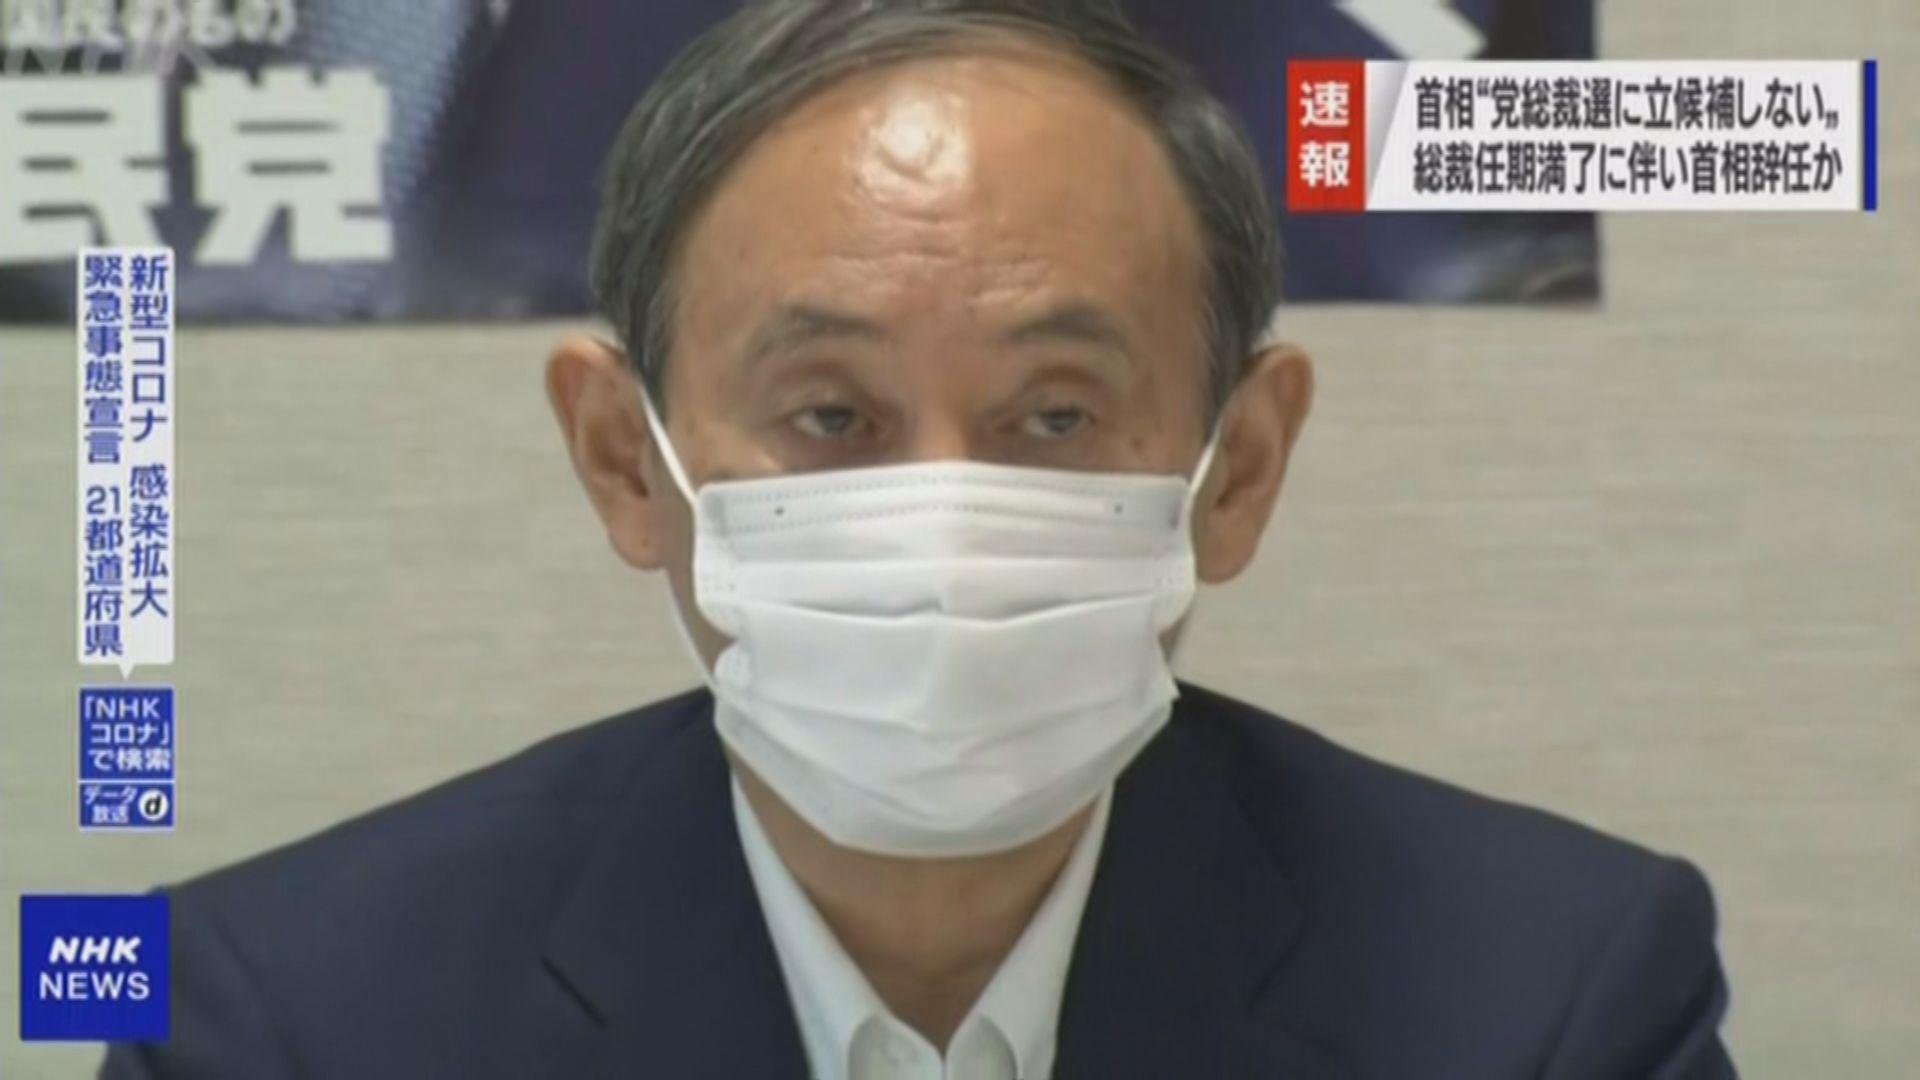 菅義偉宣布不競逐連任自民黨總裁 九月底辭任日本首相